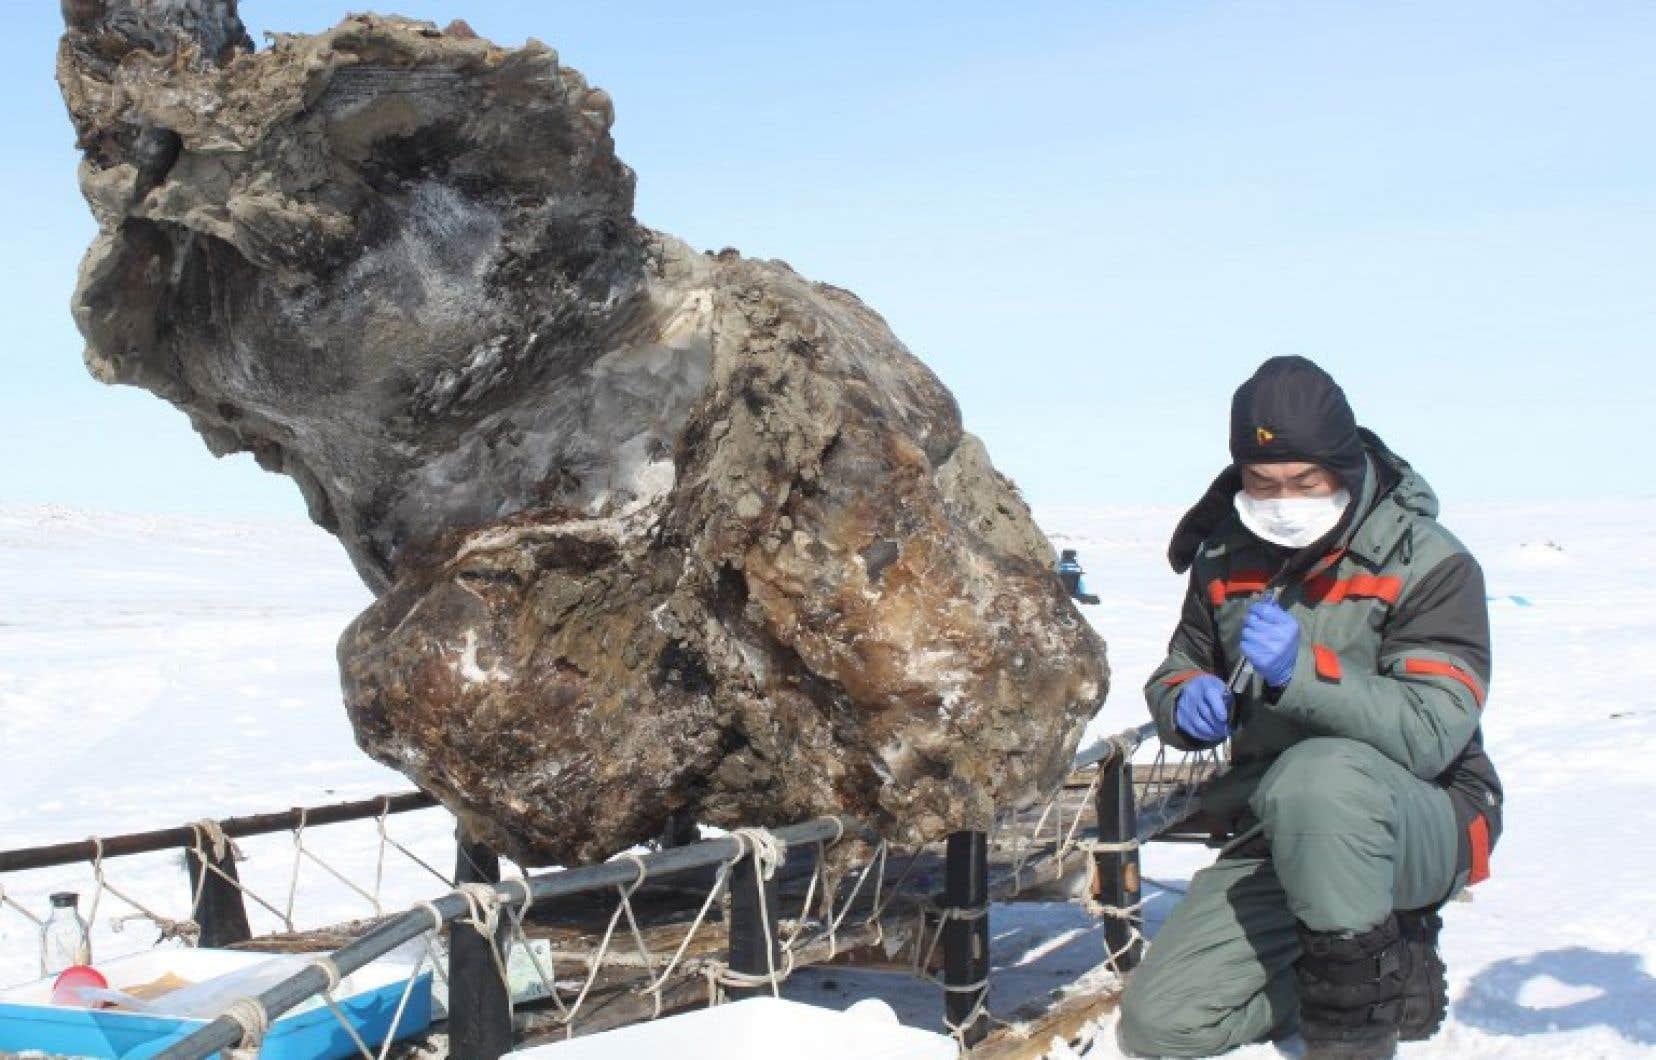 Un chercheur russe travaillant sur une carcasse de mammouth retrouvée sur une île de l'océan Arctique, en 2013